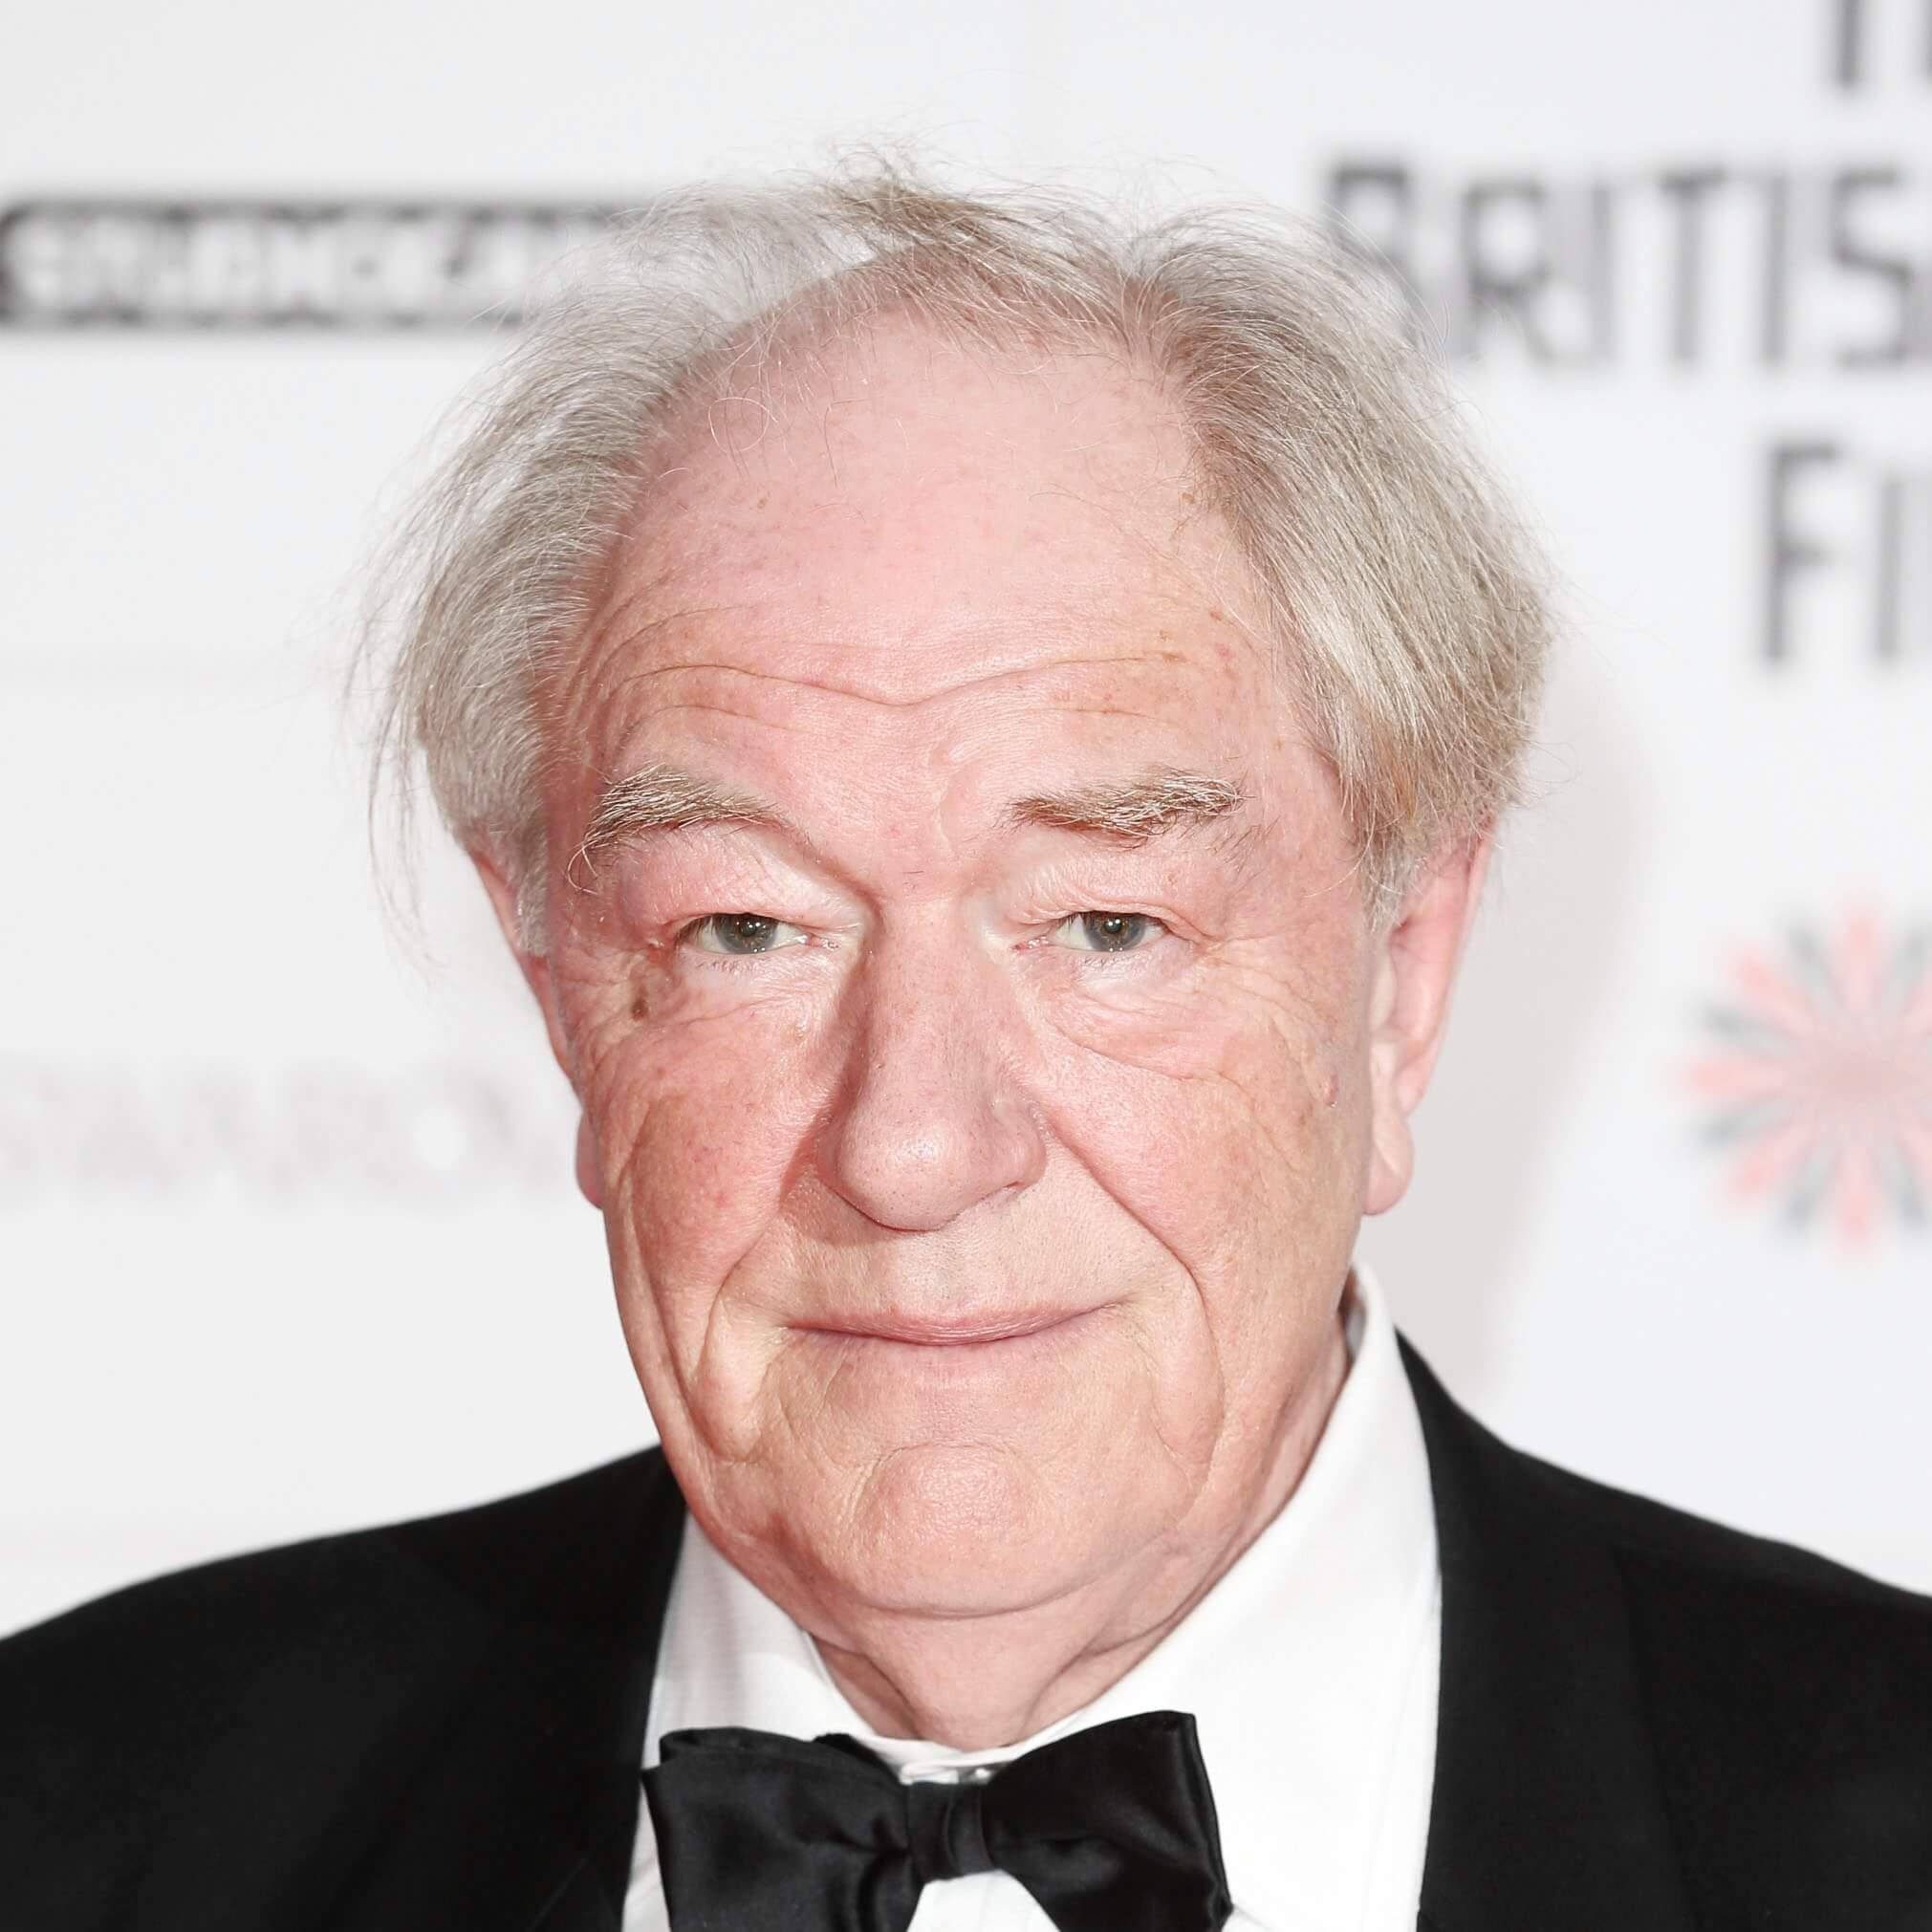 Sir Michael John Gambon CBE